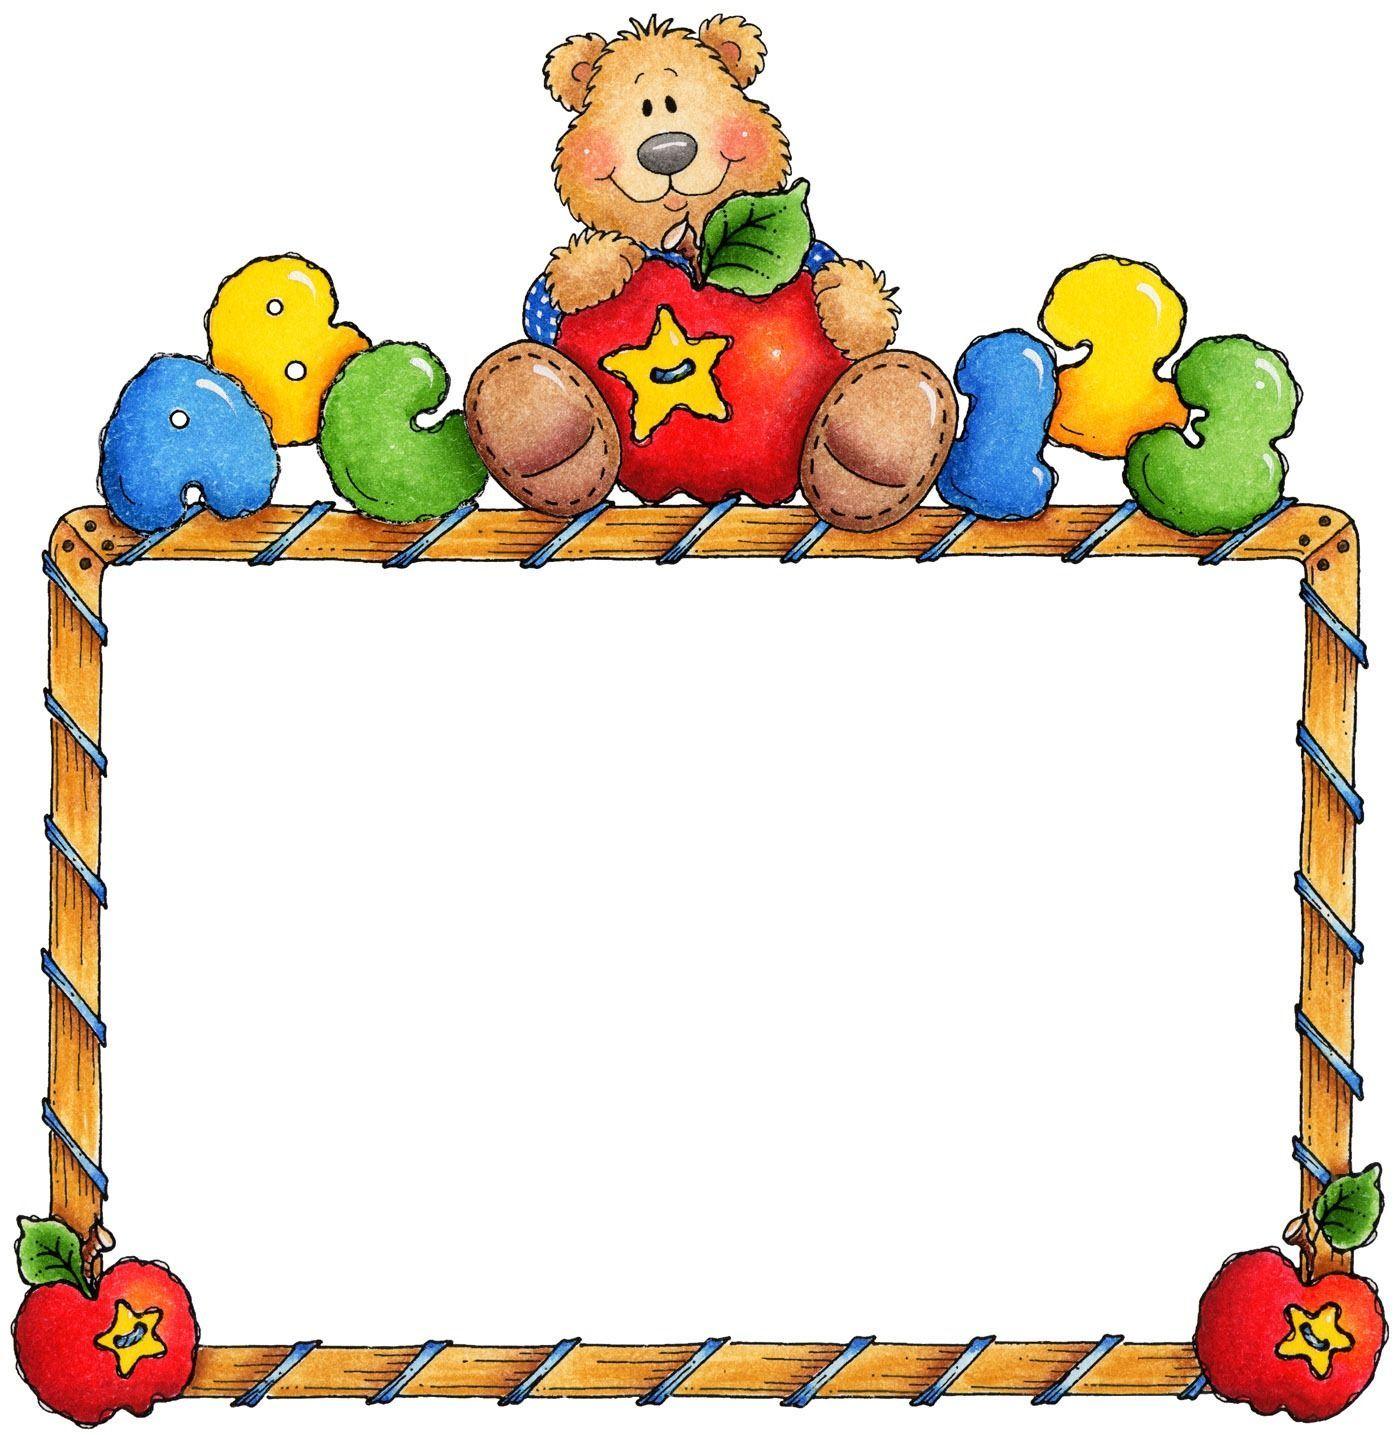 Teddy bear border clipart 8 » Clipart Portal.